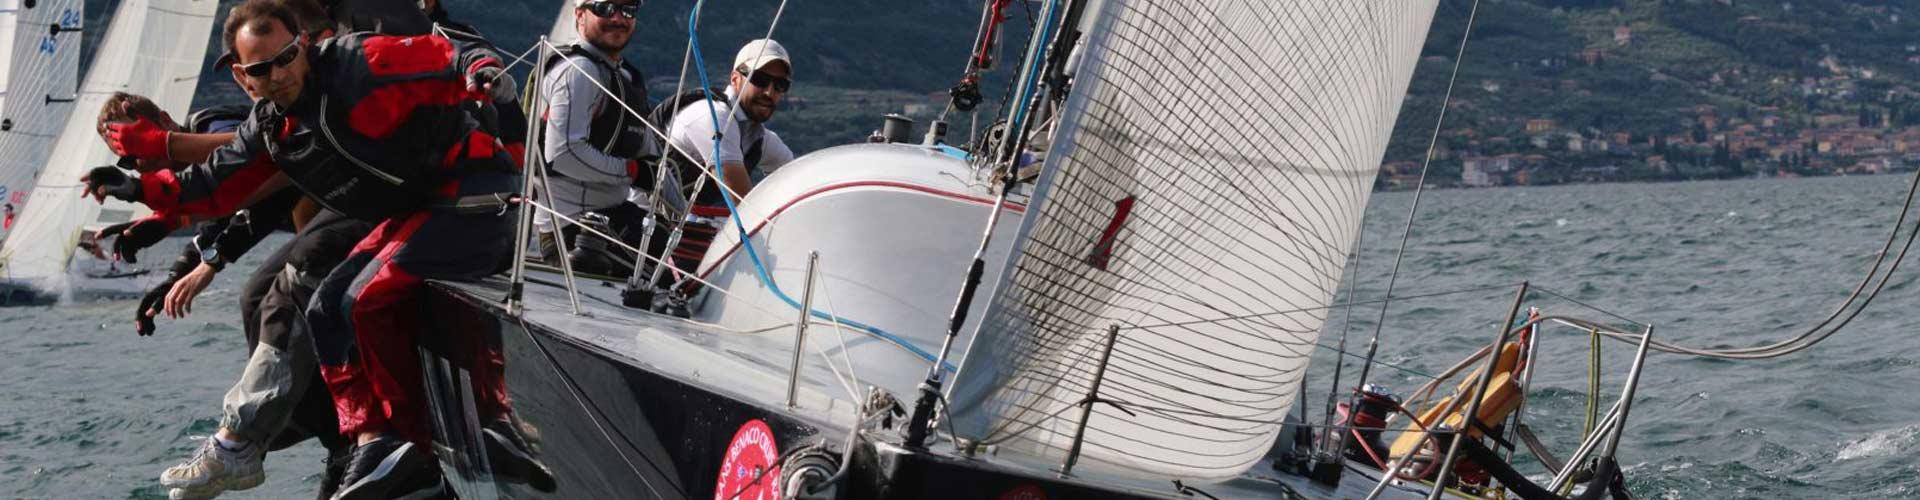 Bravissima conquista l'edizione 2016 della Trans Benaco Cruise Race